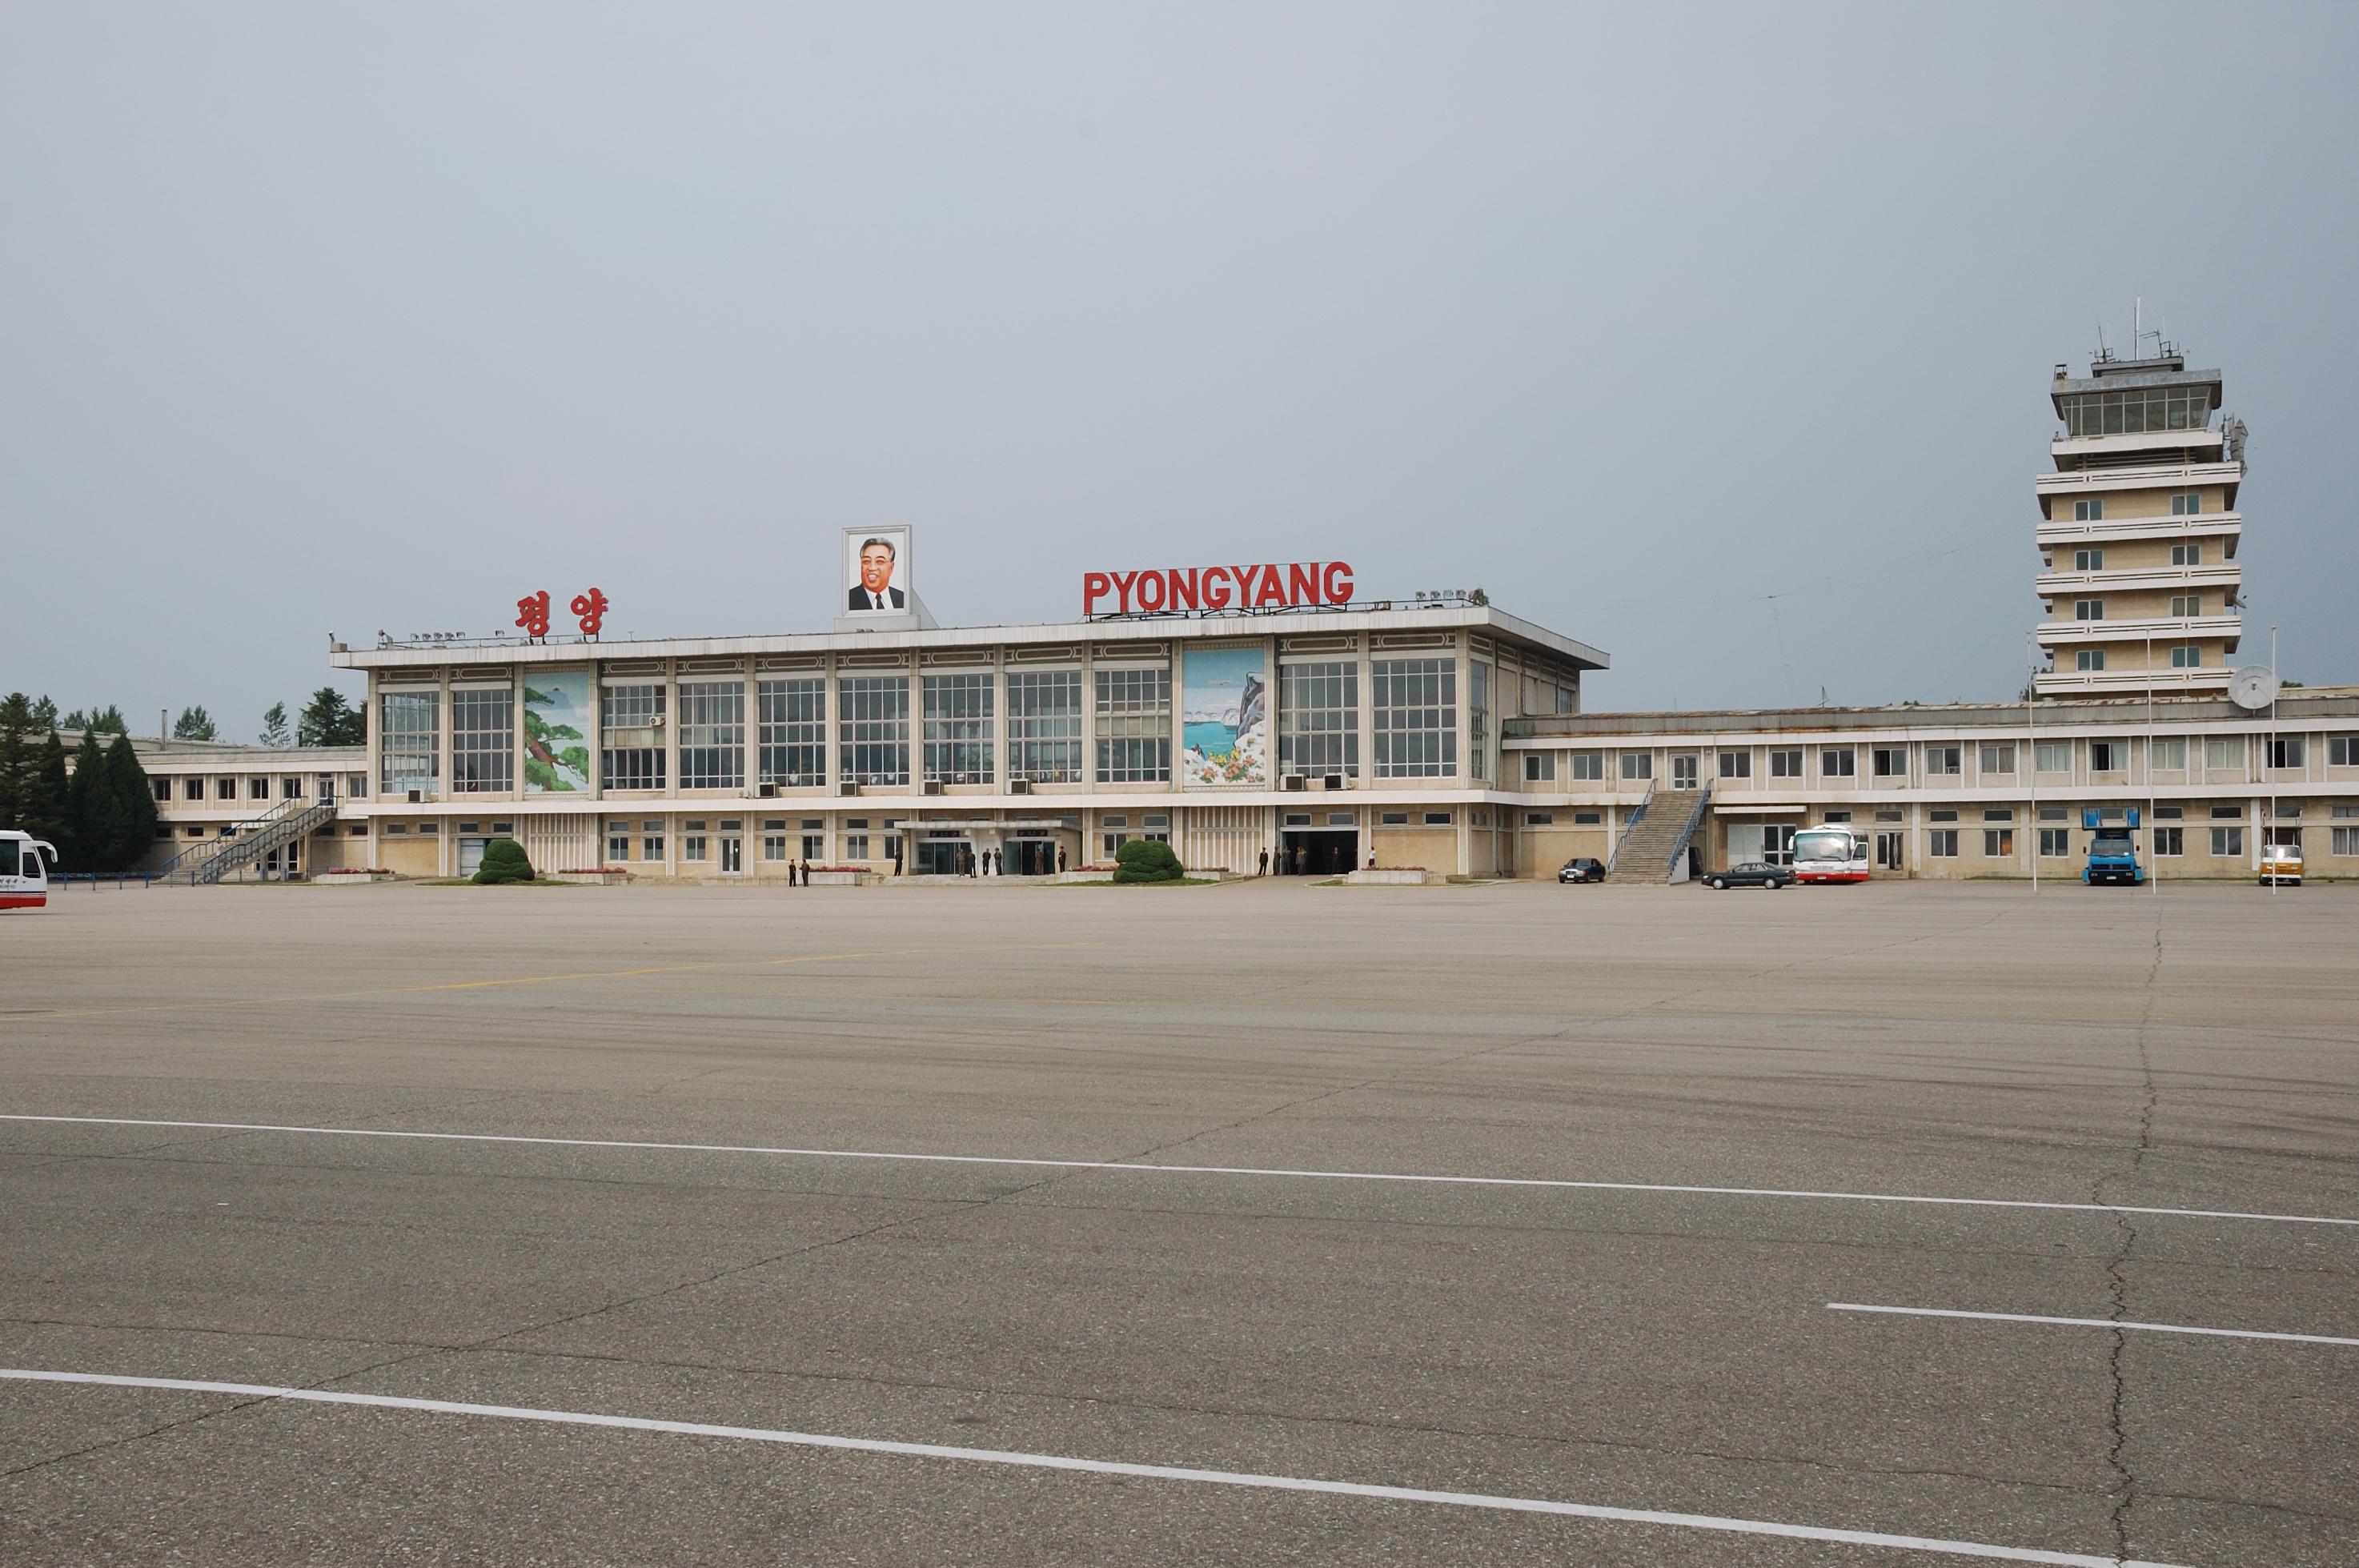 Pyongyang Intl Airport